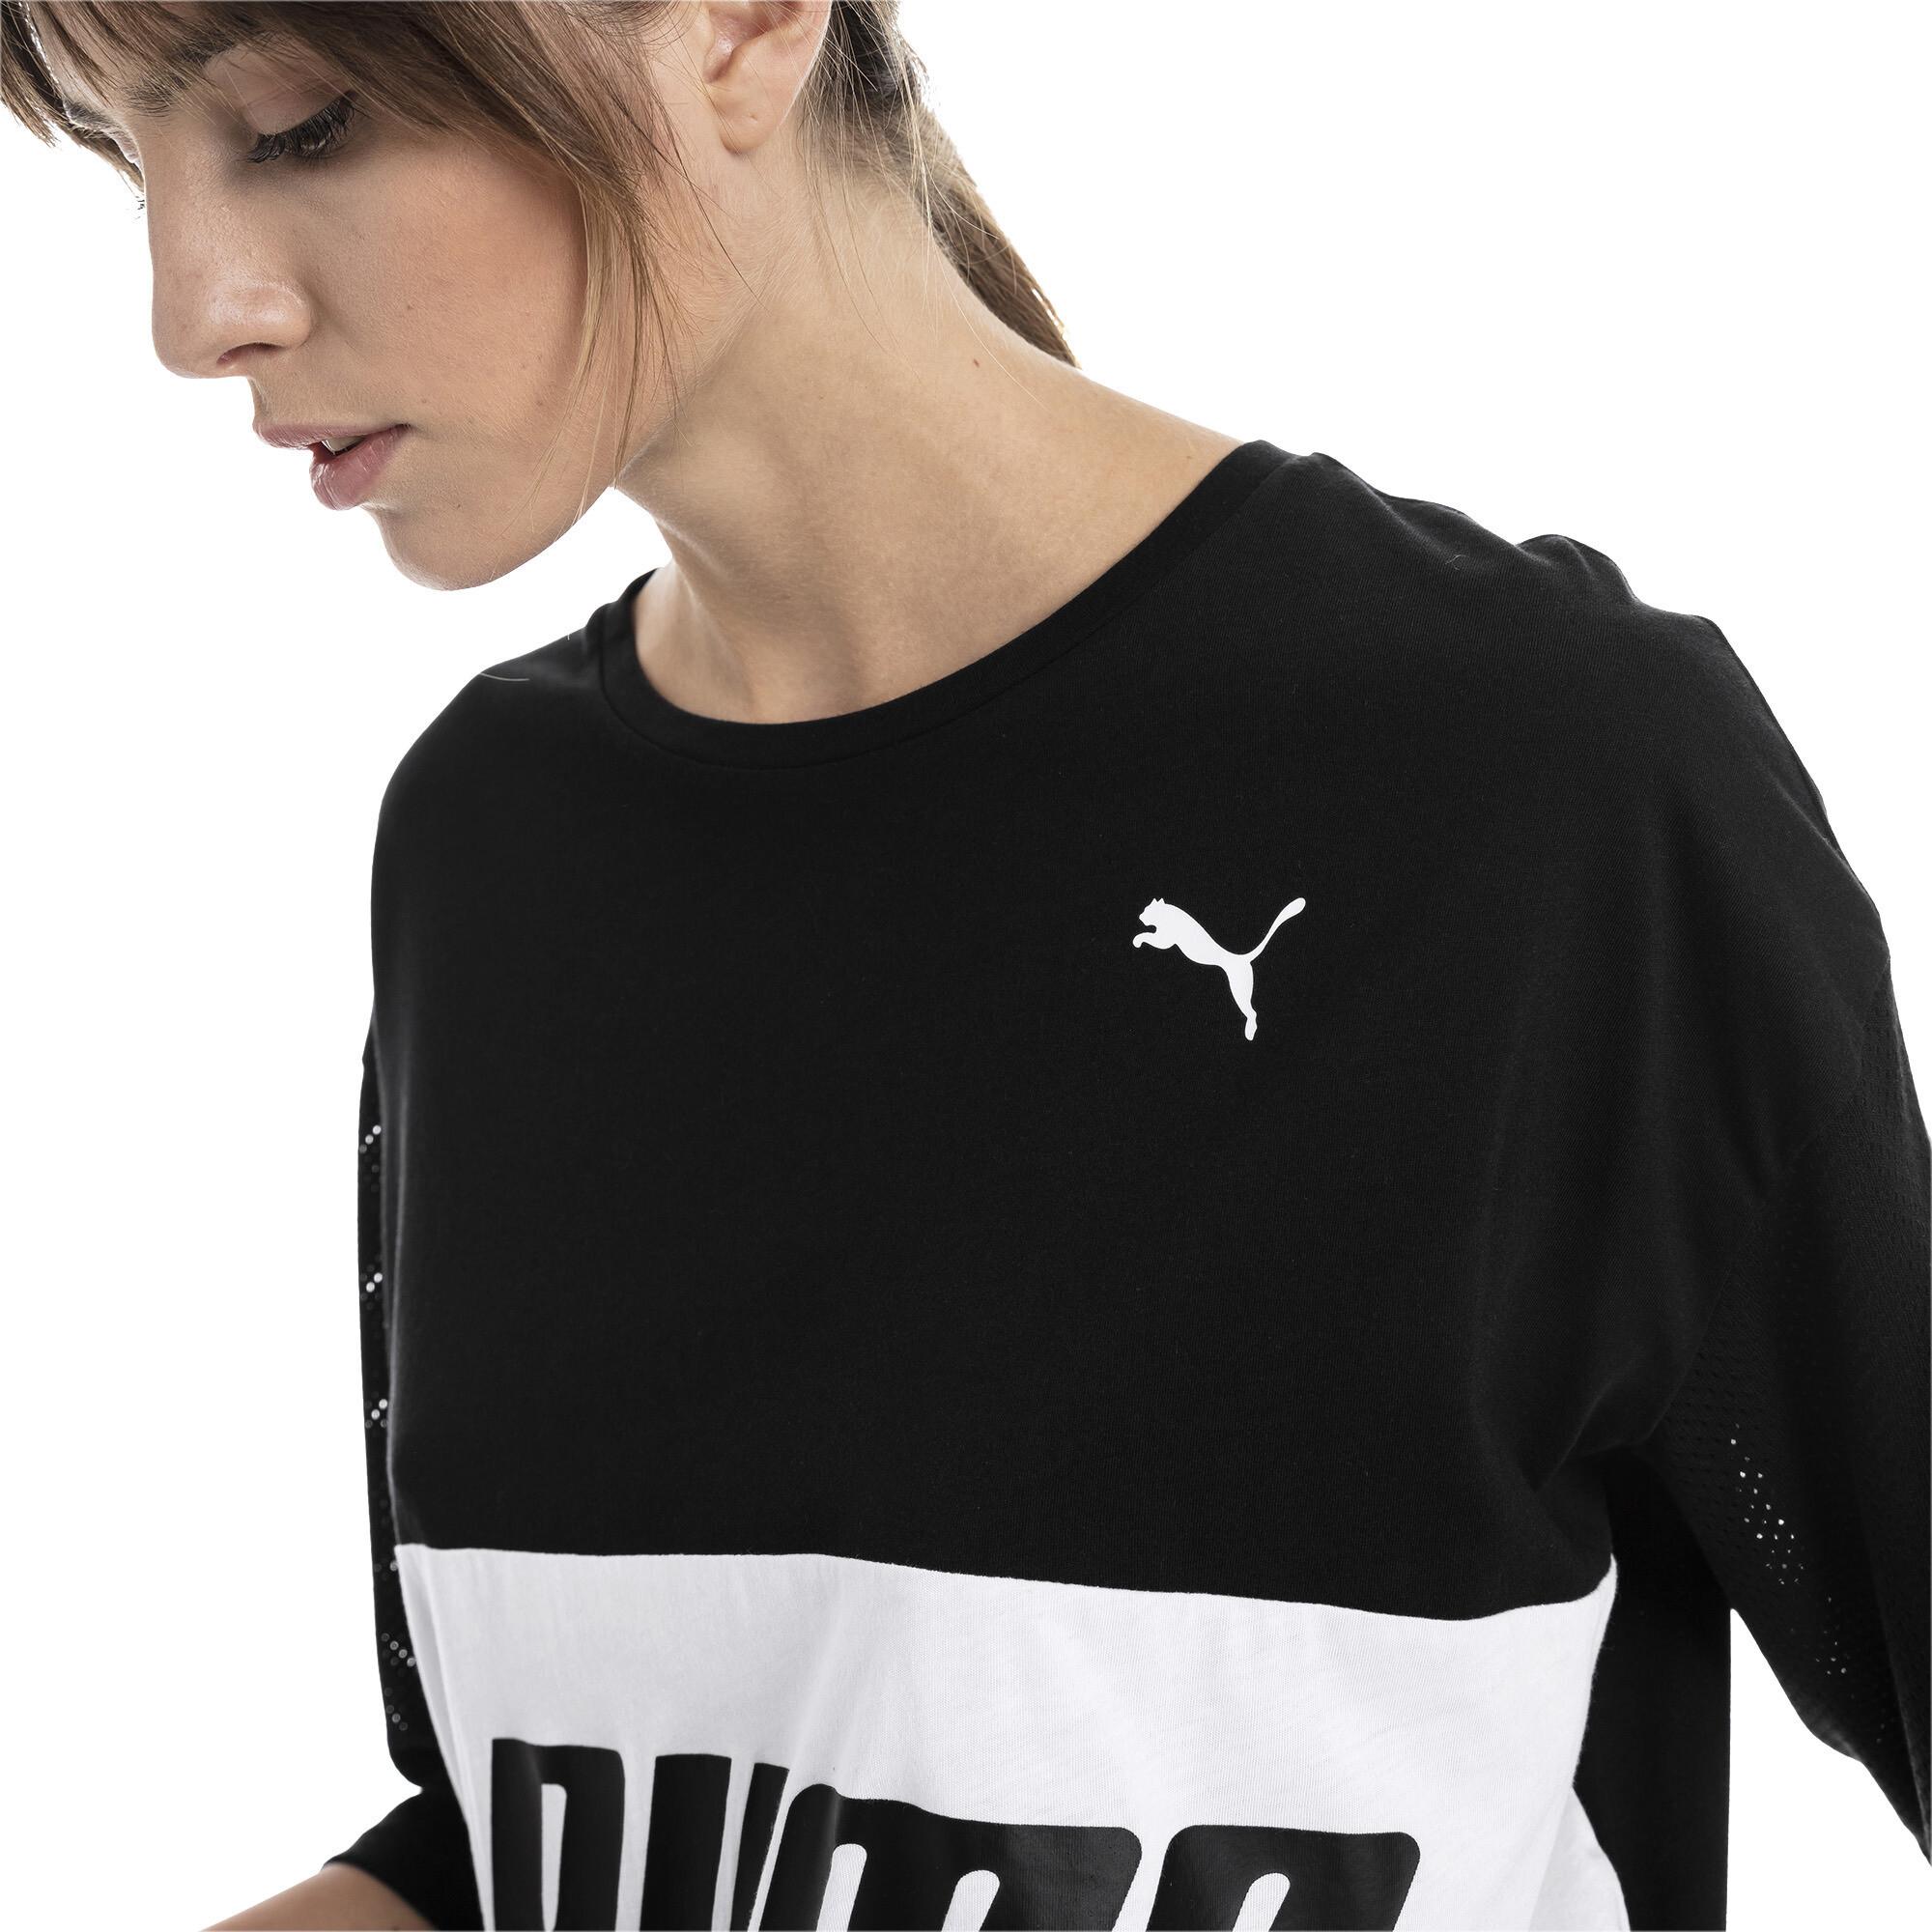 Logo Womens Ladies Sports Fashion Boyfriend T-shirt Tee Clothing, Shoes & Accessories Puma Essential